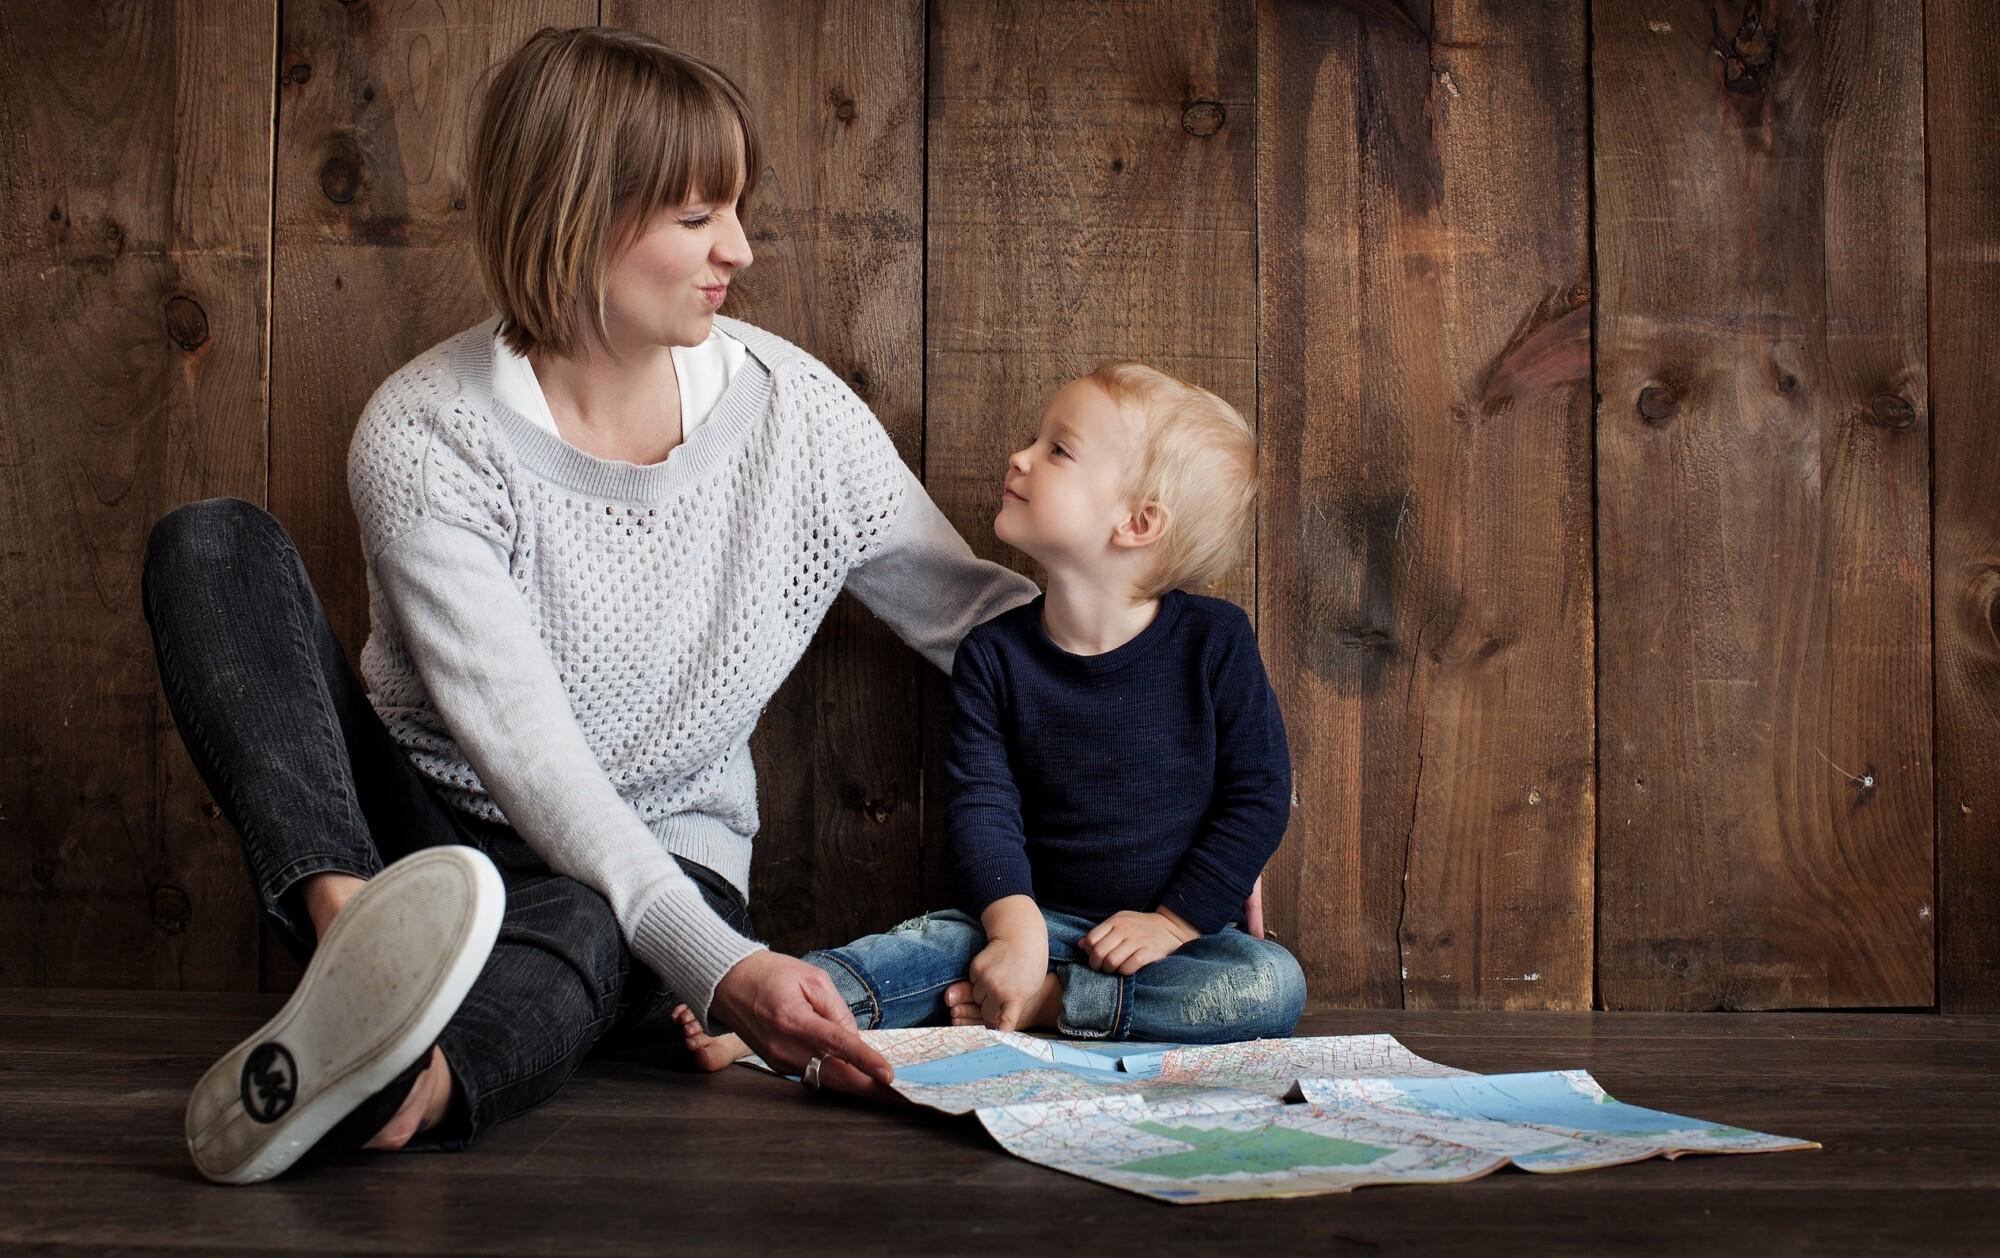 Habilidades prácticas para la vida que puede enseñar a sus hijos al educarlos en casa